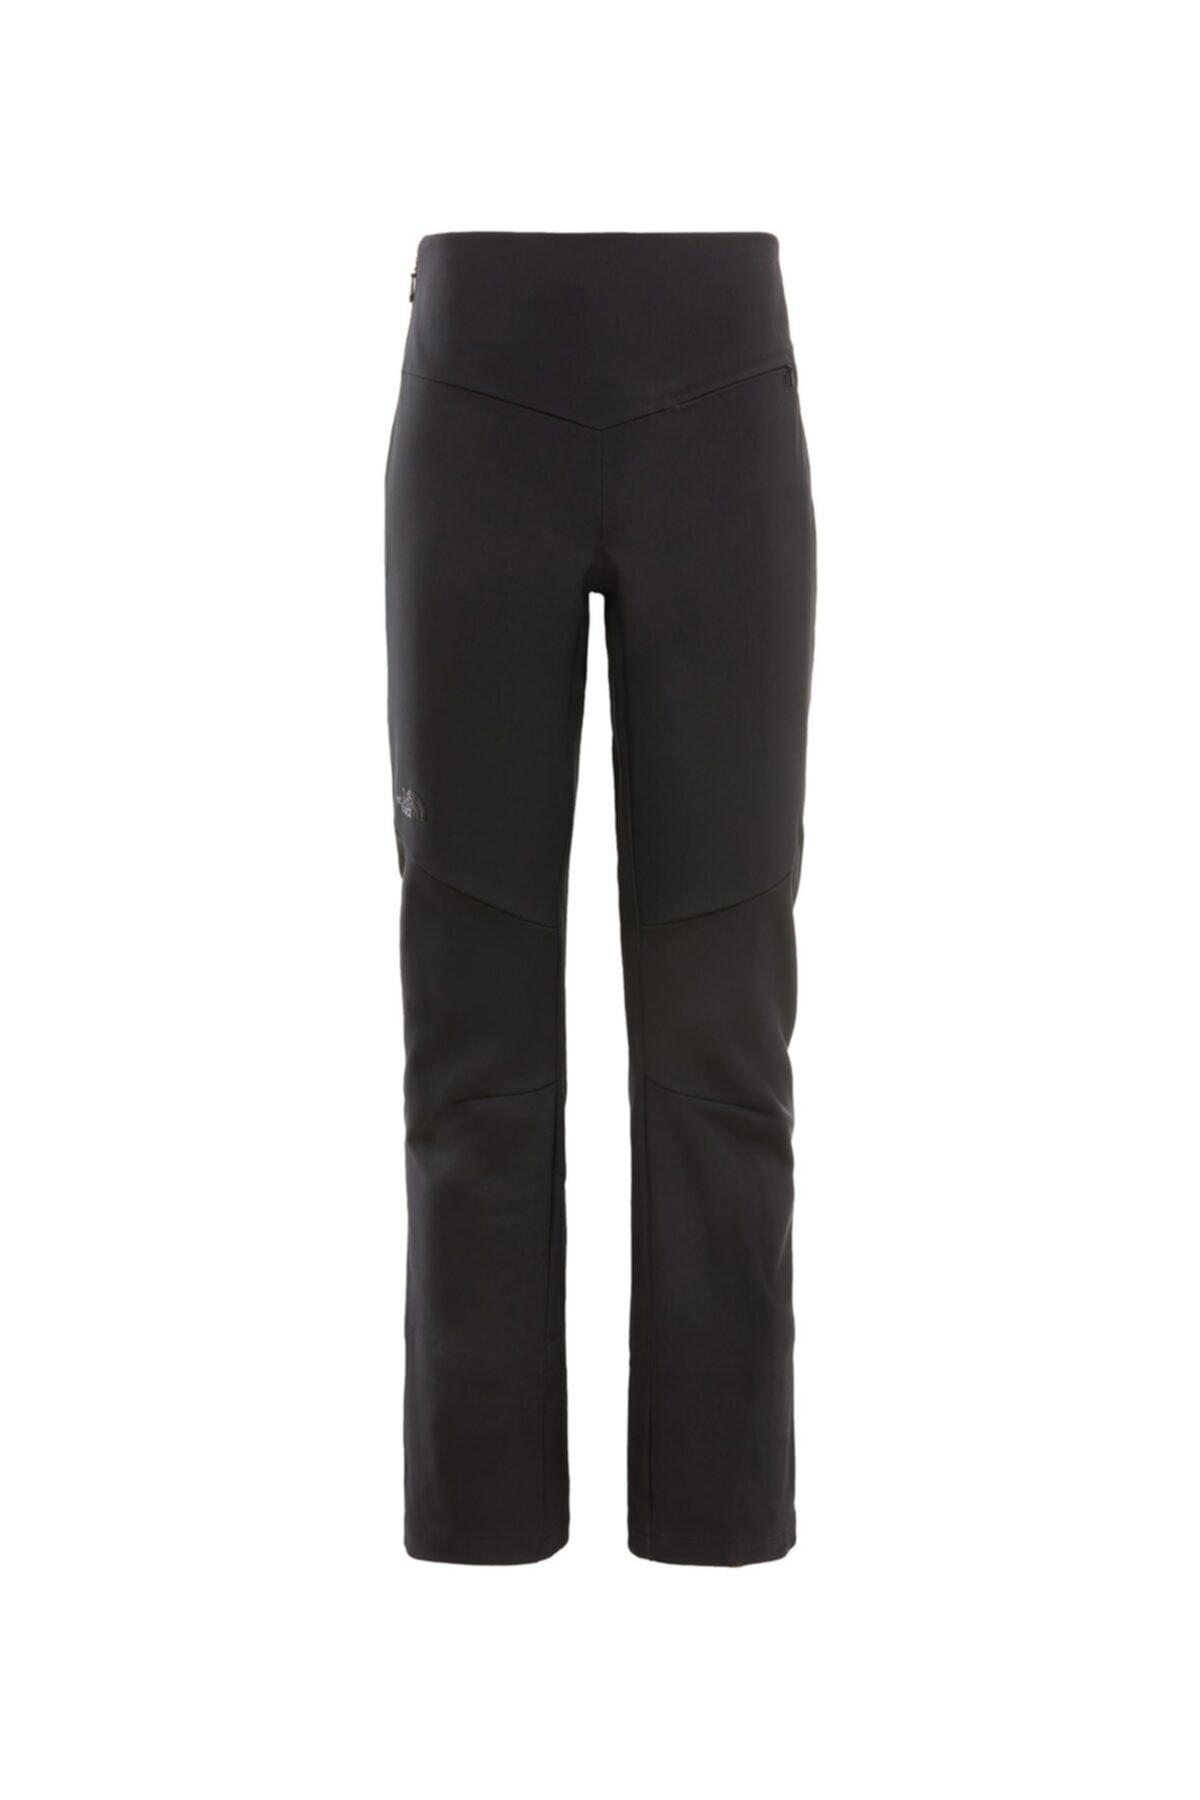 THE NORTH FACE Snoga Kadın Pantolon Siyah 1